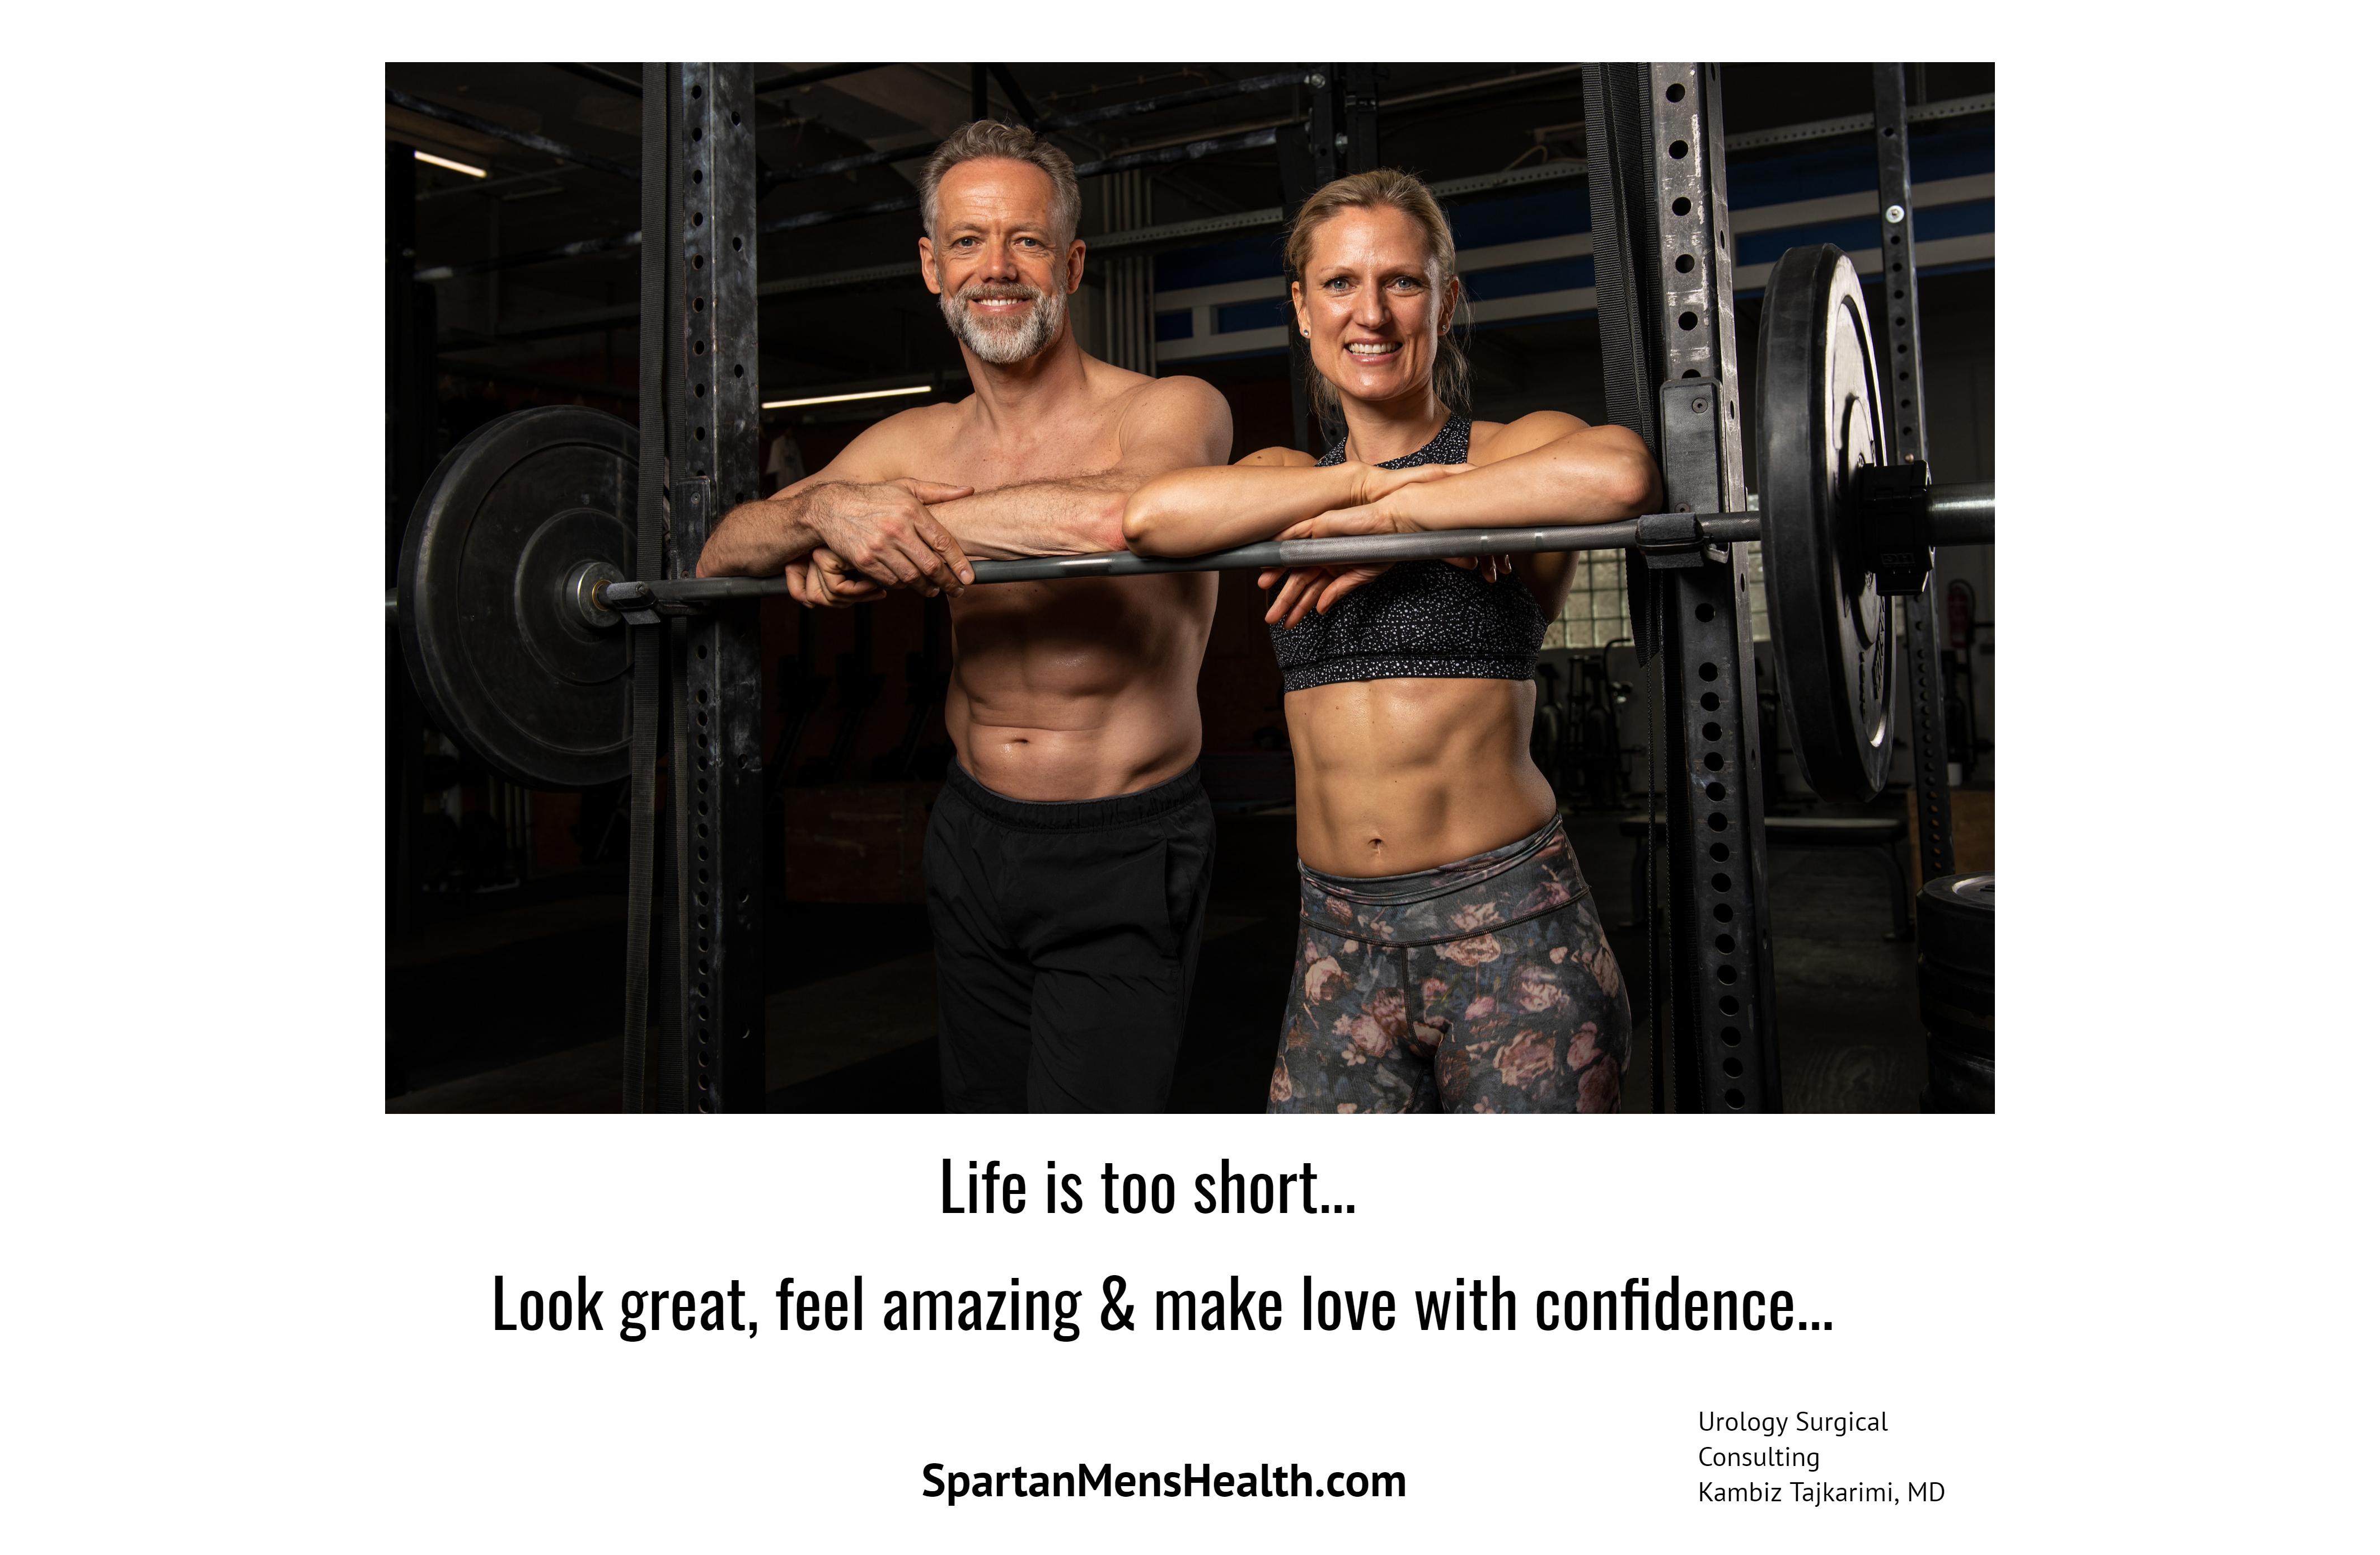 Spartan Men's Health